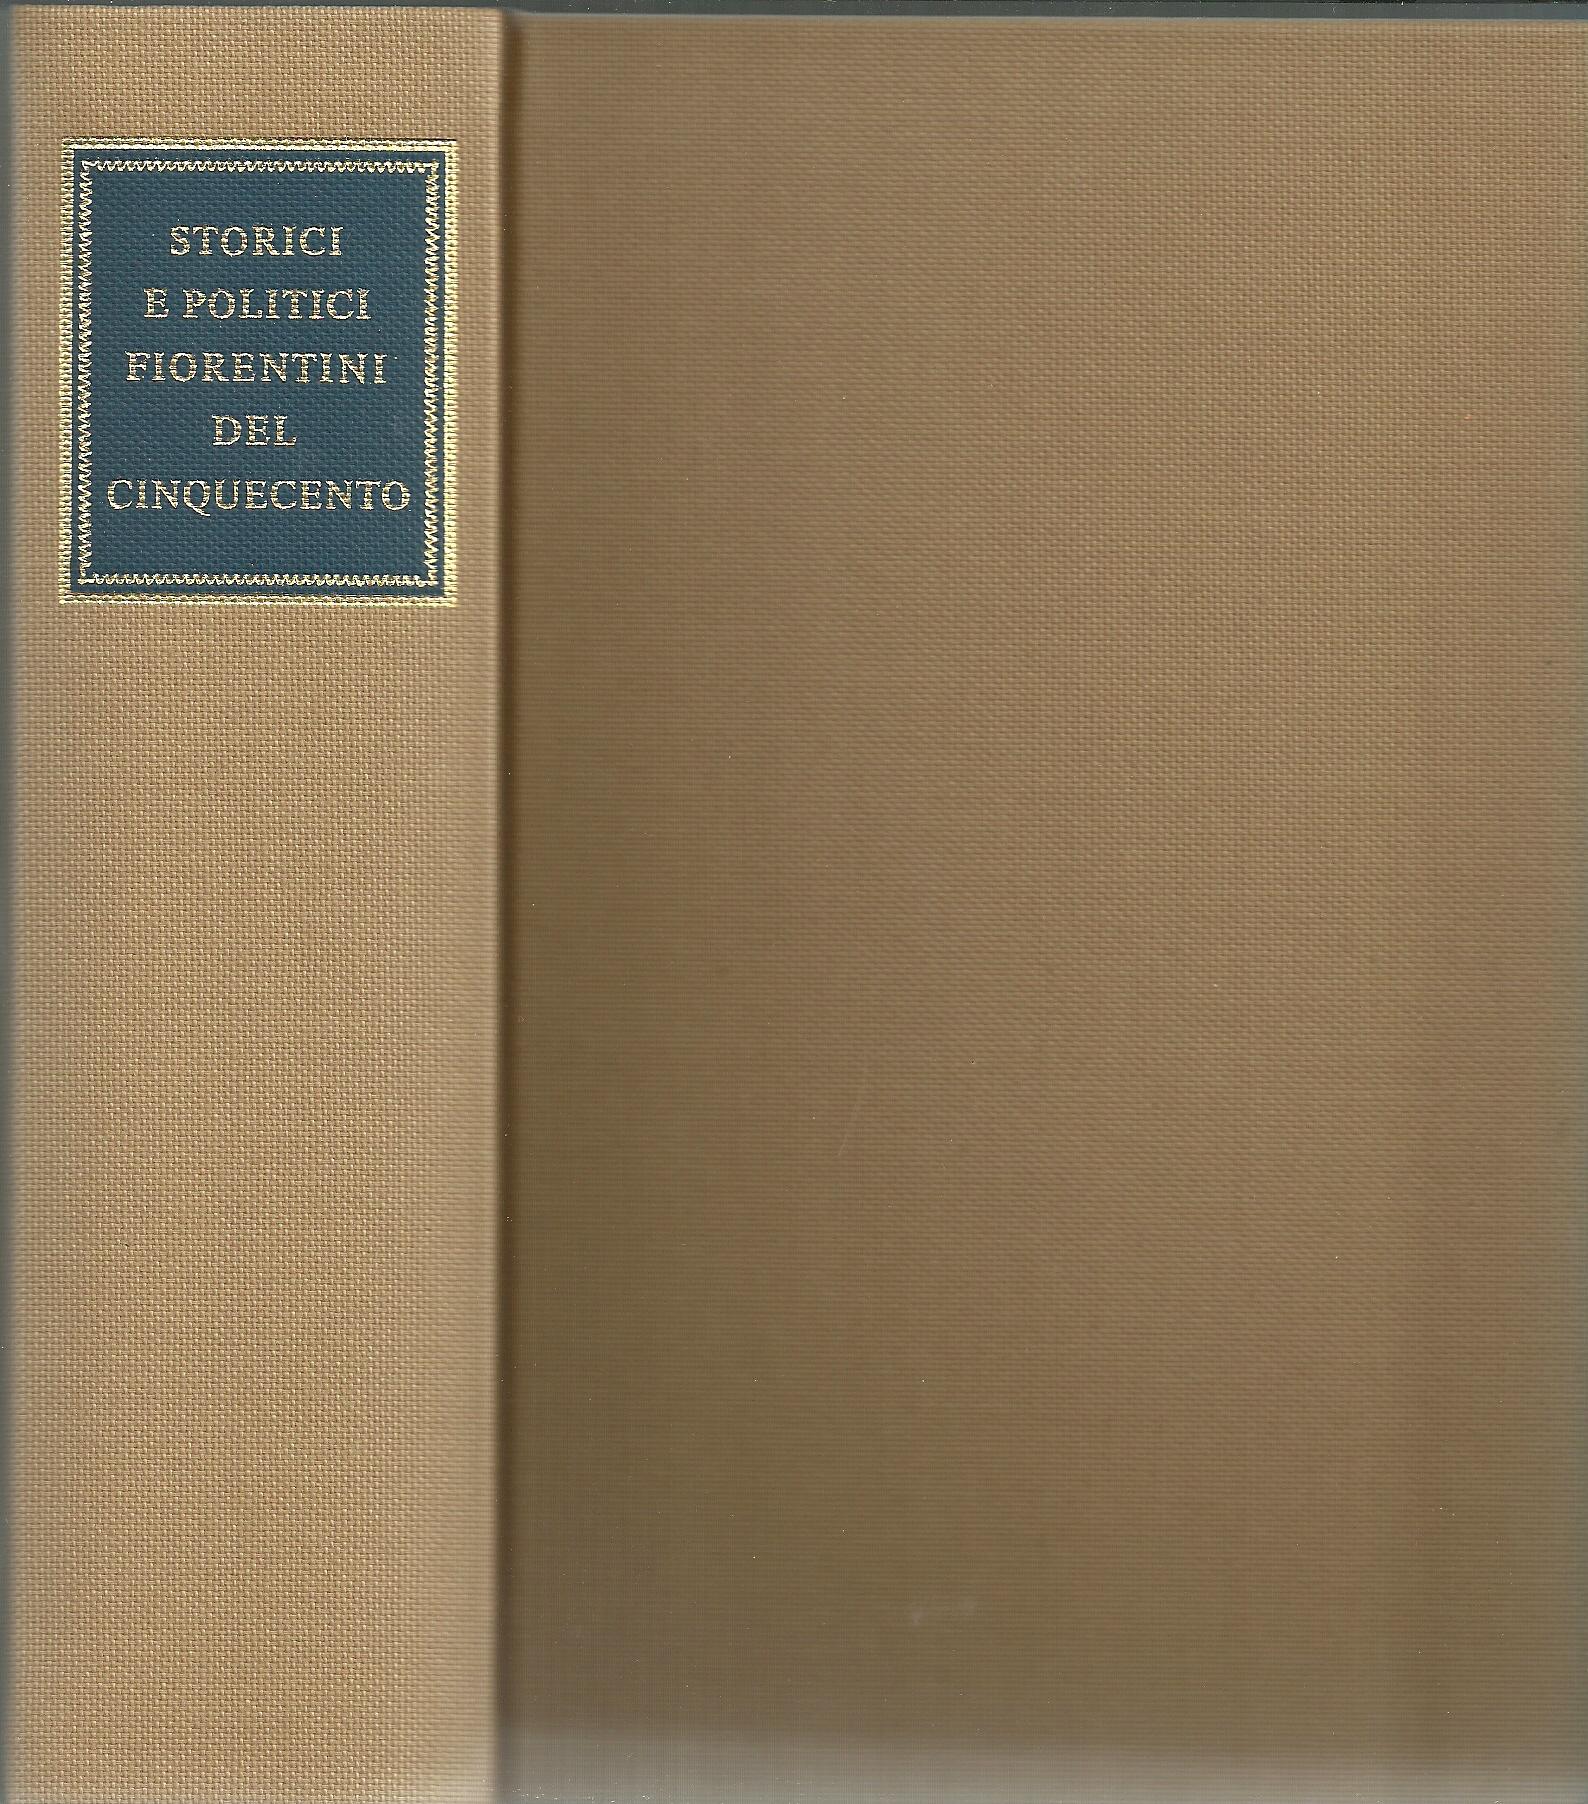 Storici e politici del Cinquecento vol.1